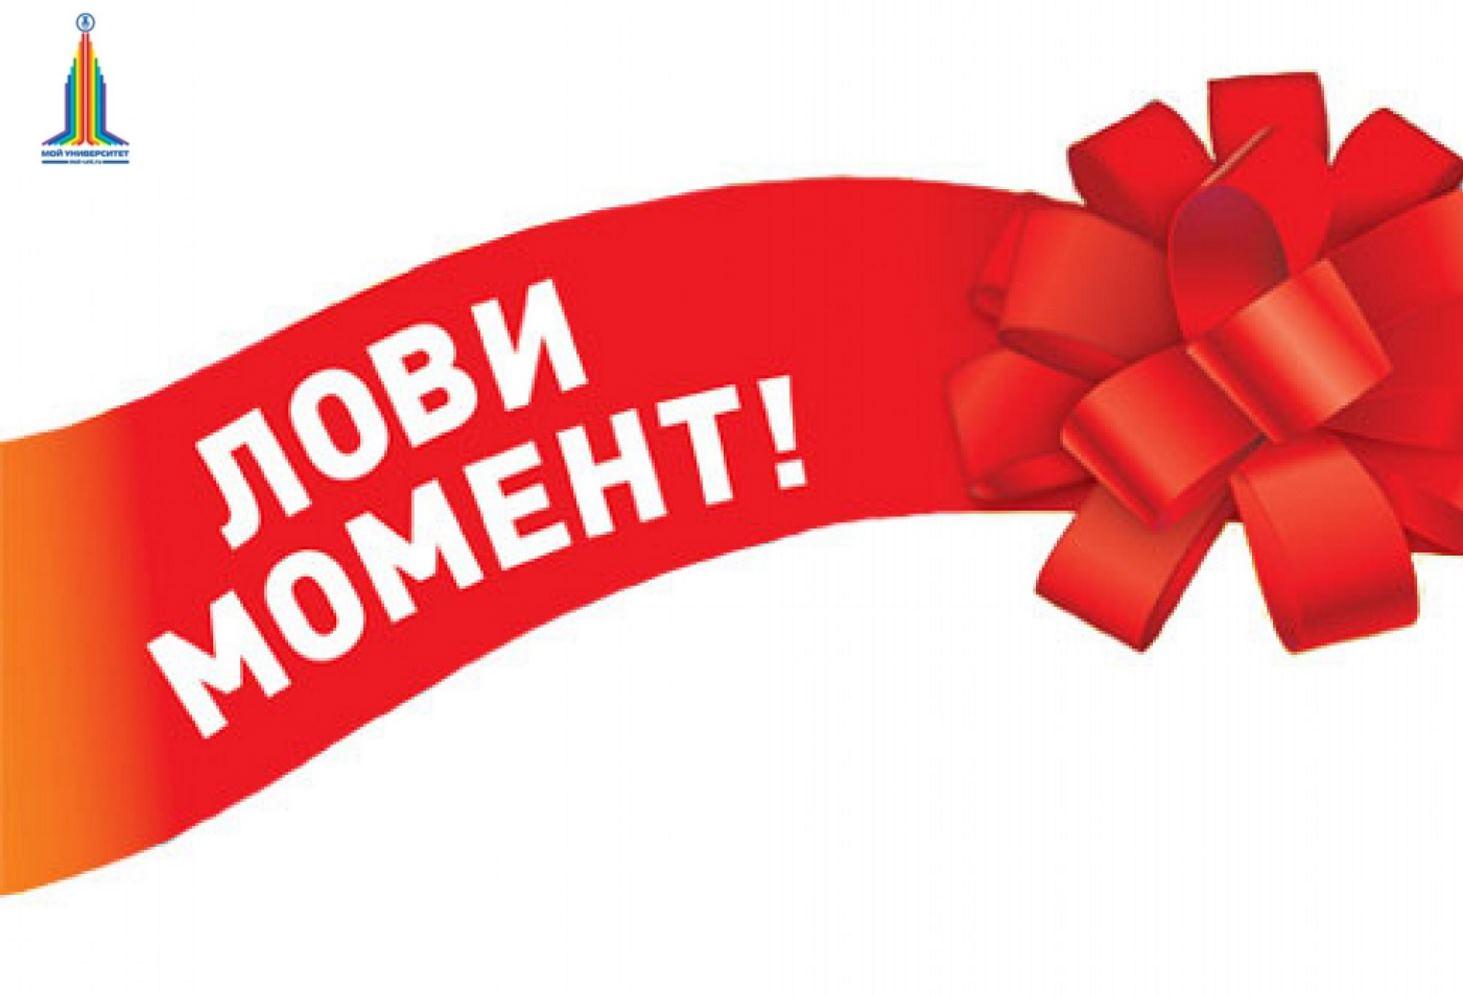 Суперакция для педагогов - 3 курса повышения квалификации всего за 990 рублей!